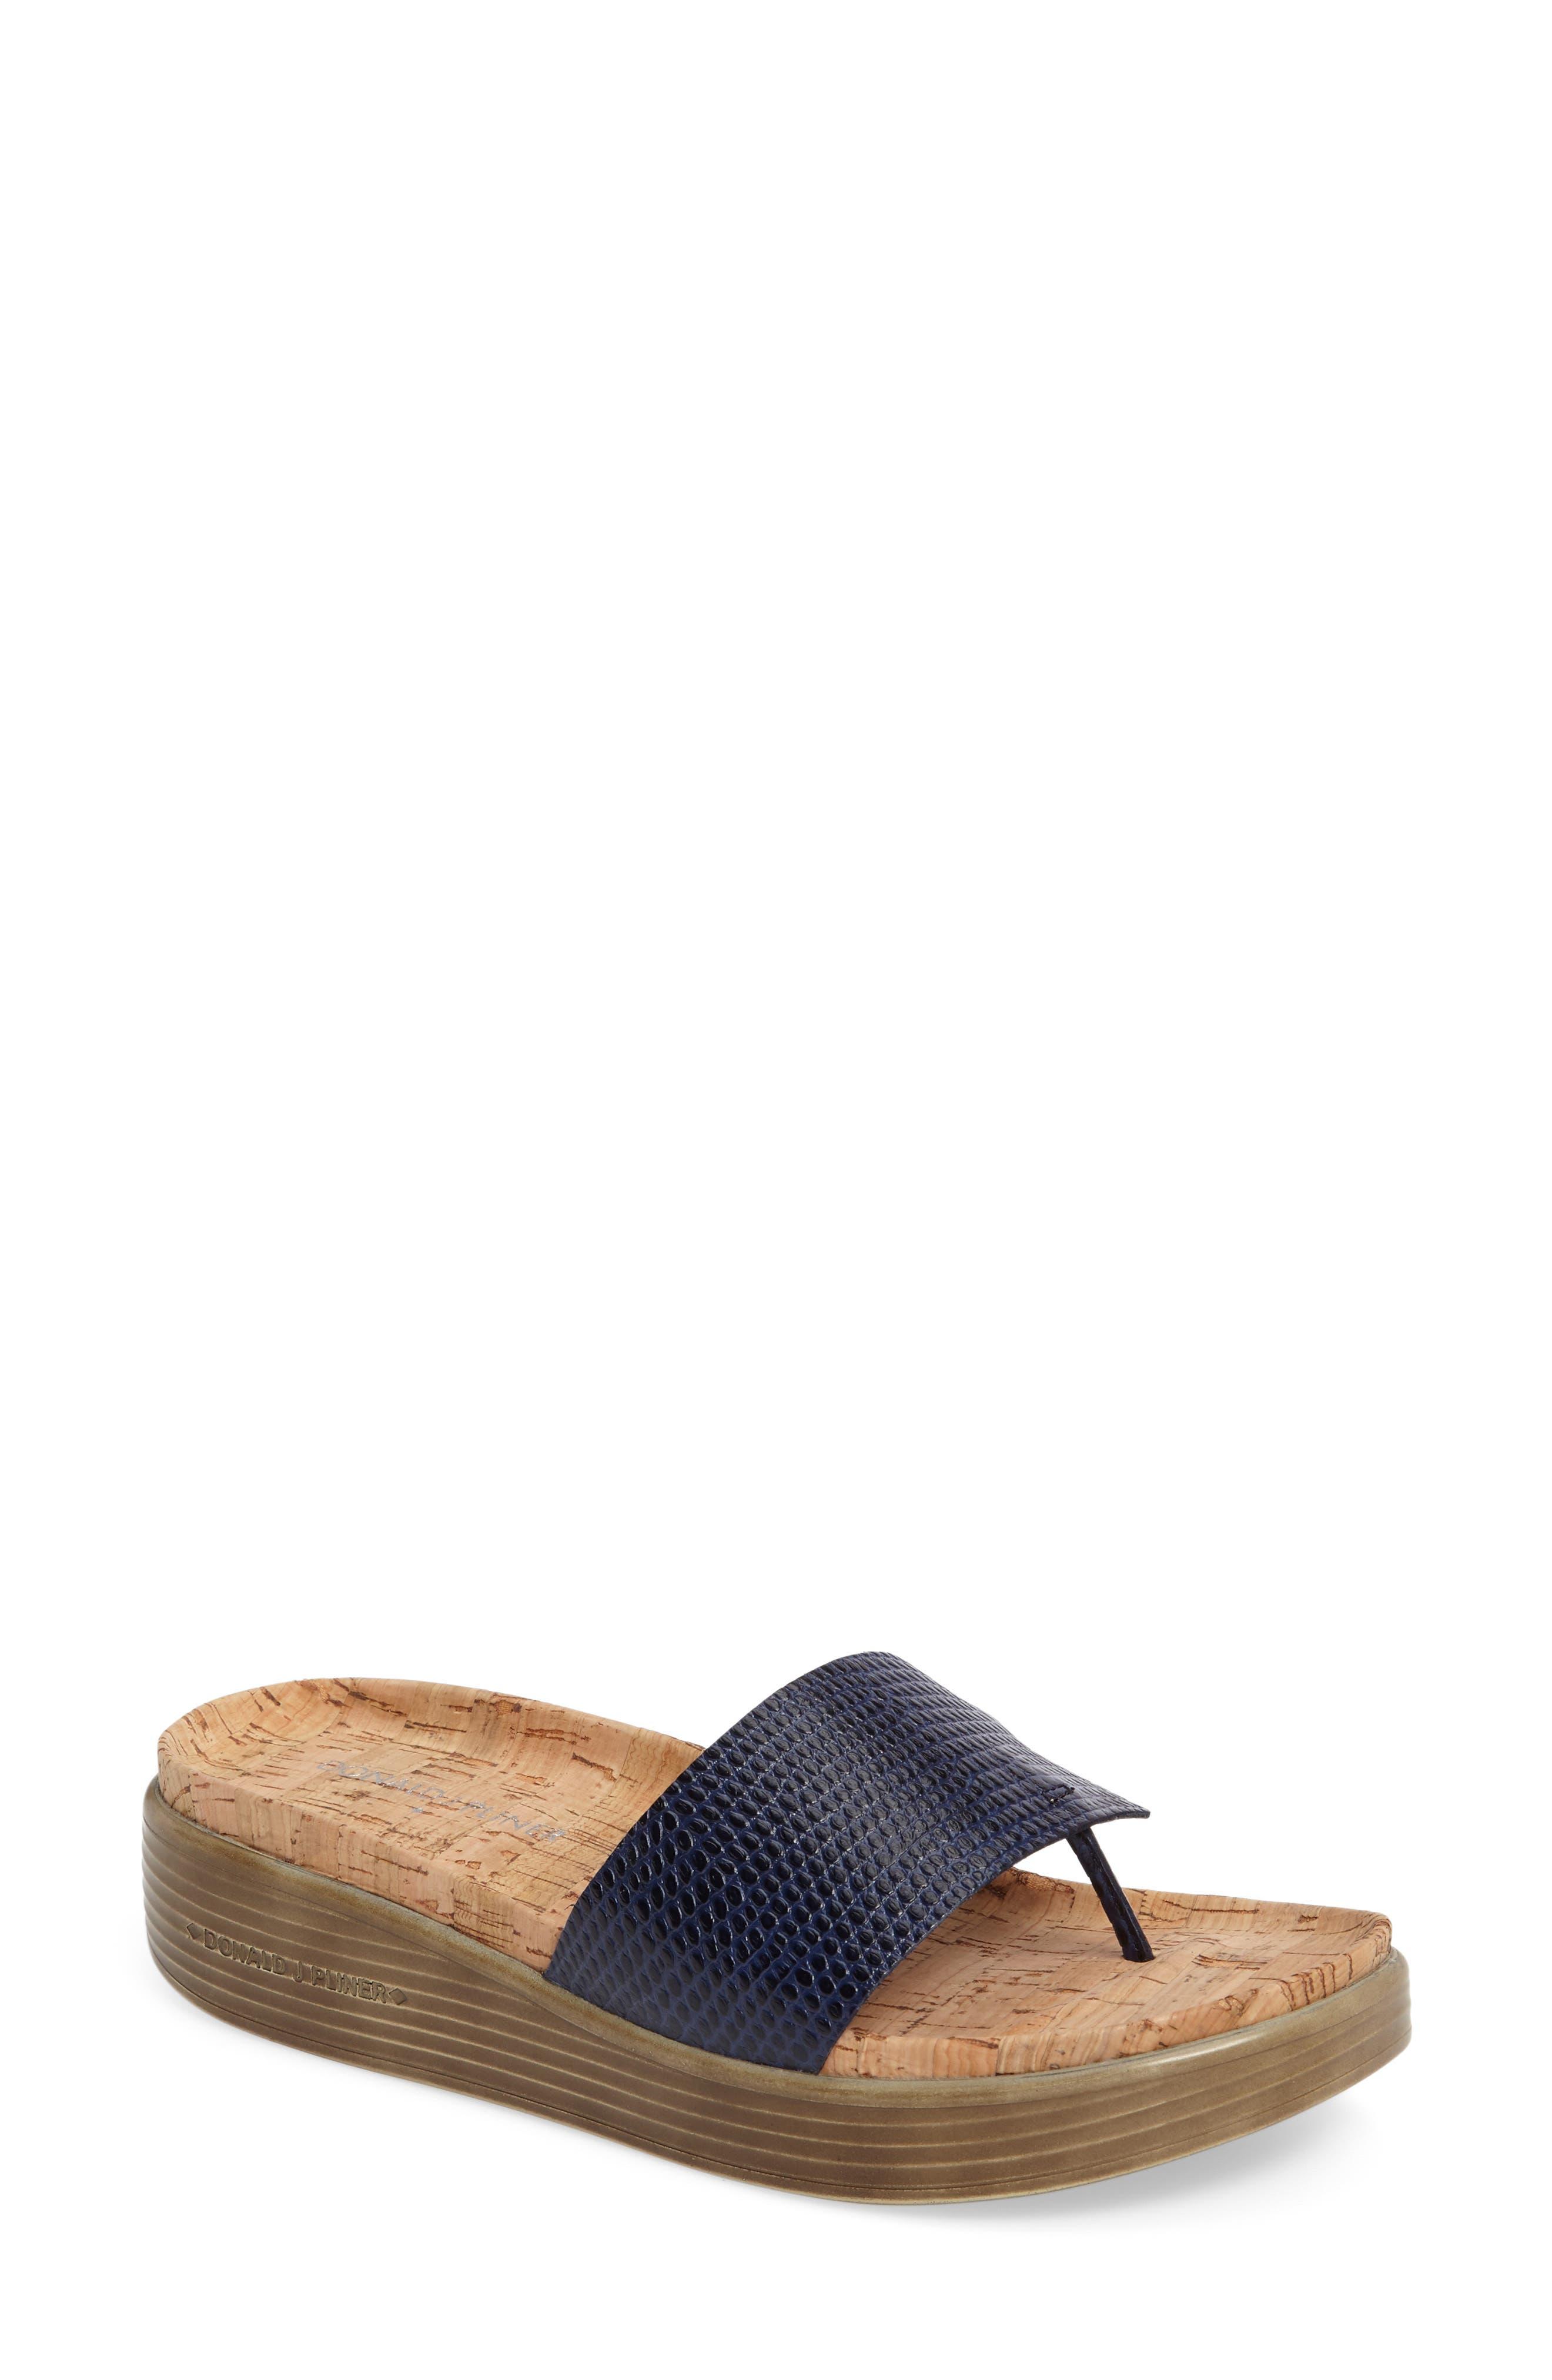 DONALD J PLINER 'Fifi' Slide Sandal